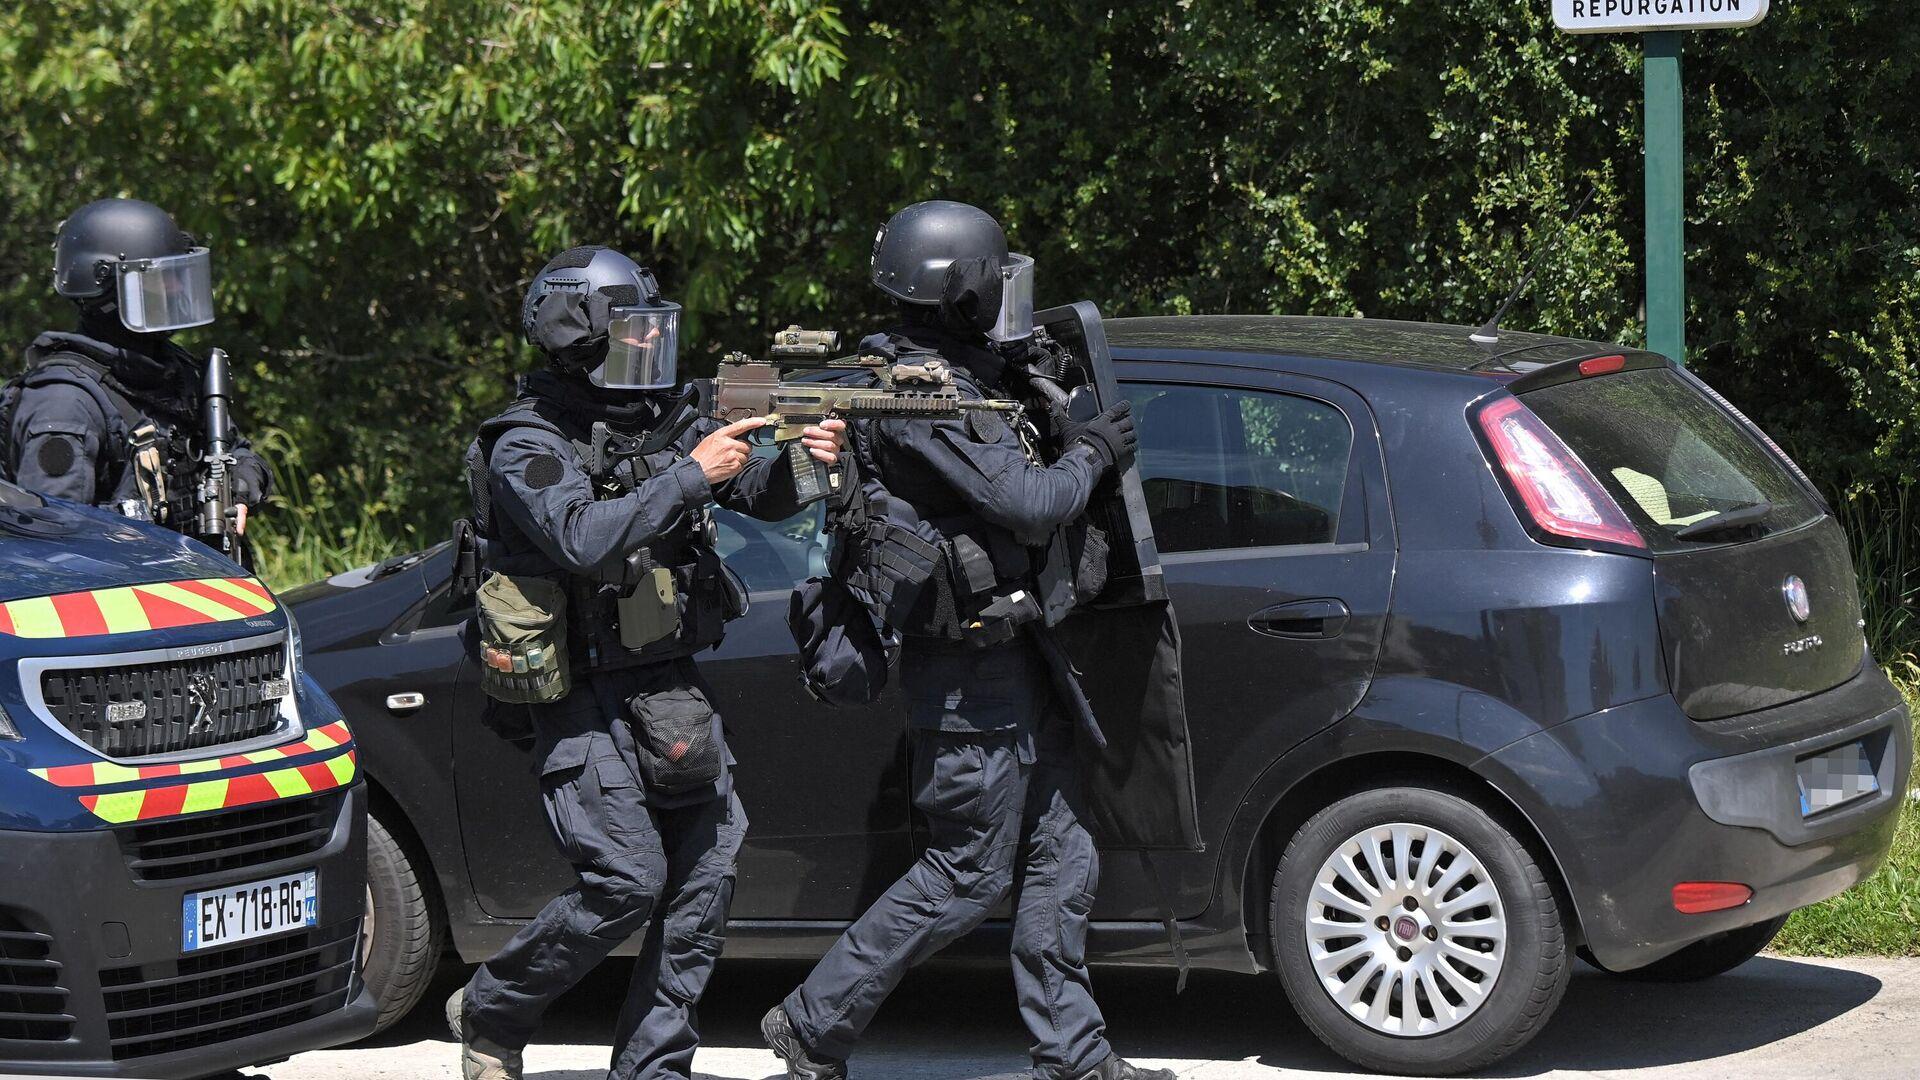 Сотрудники правоохранительных органов на месте нападения на полицейскую в городе Нант, Франция - РИА Новости, 1920, 12.06.2021